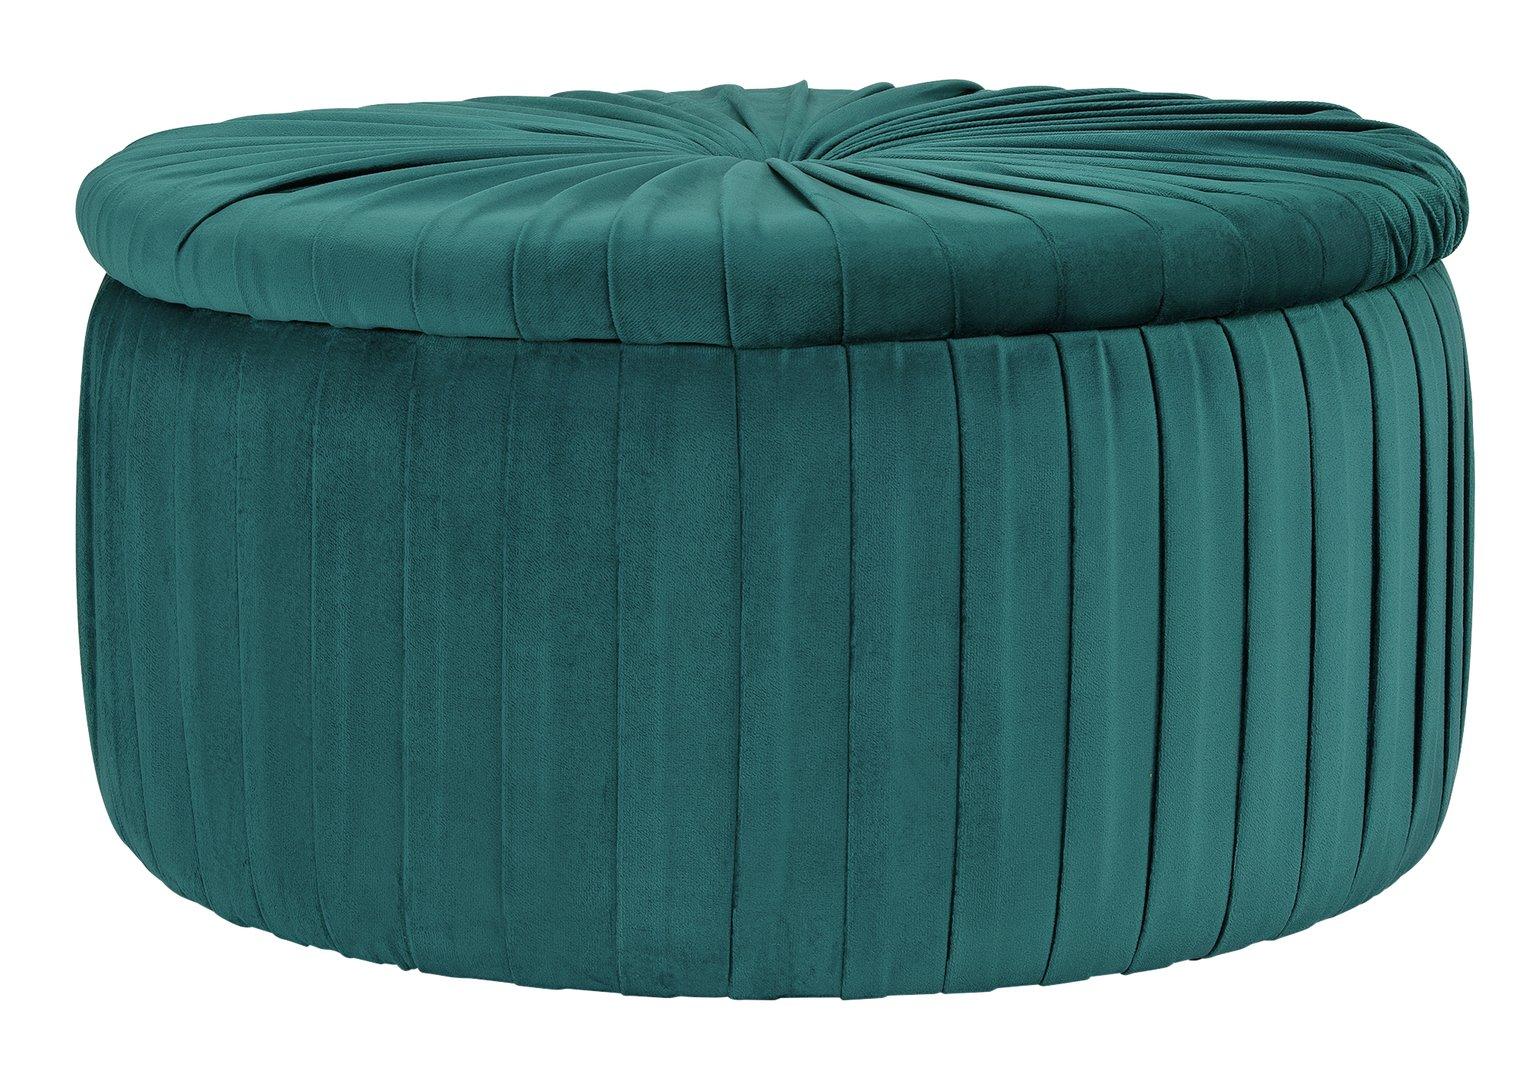 Argos Home Leckie Velvet Storage Footstool - Teal